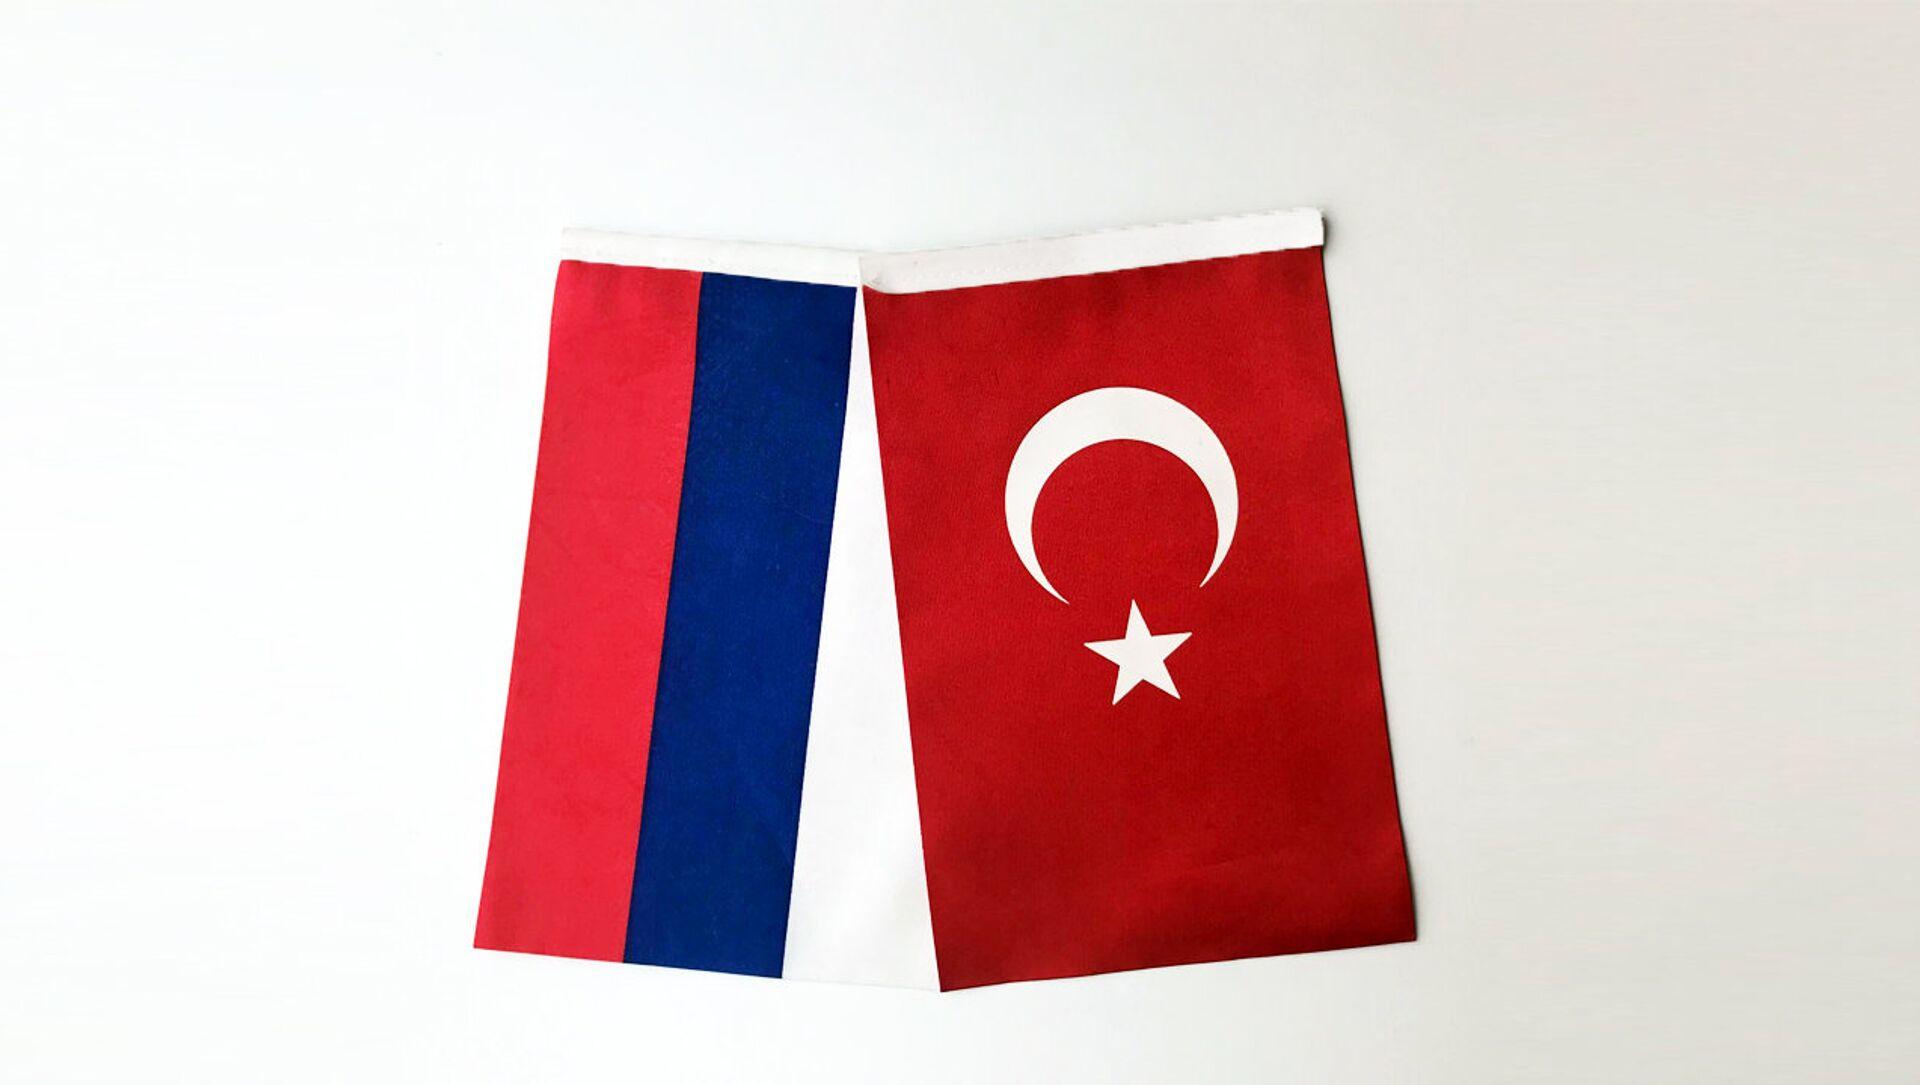 Türkiye-Rusya bayrağı - Sputnik Türkiye, 1920, 30.07.2021